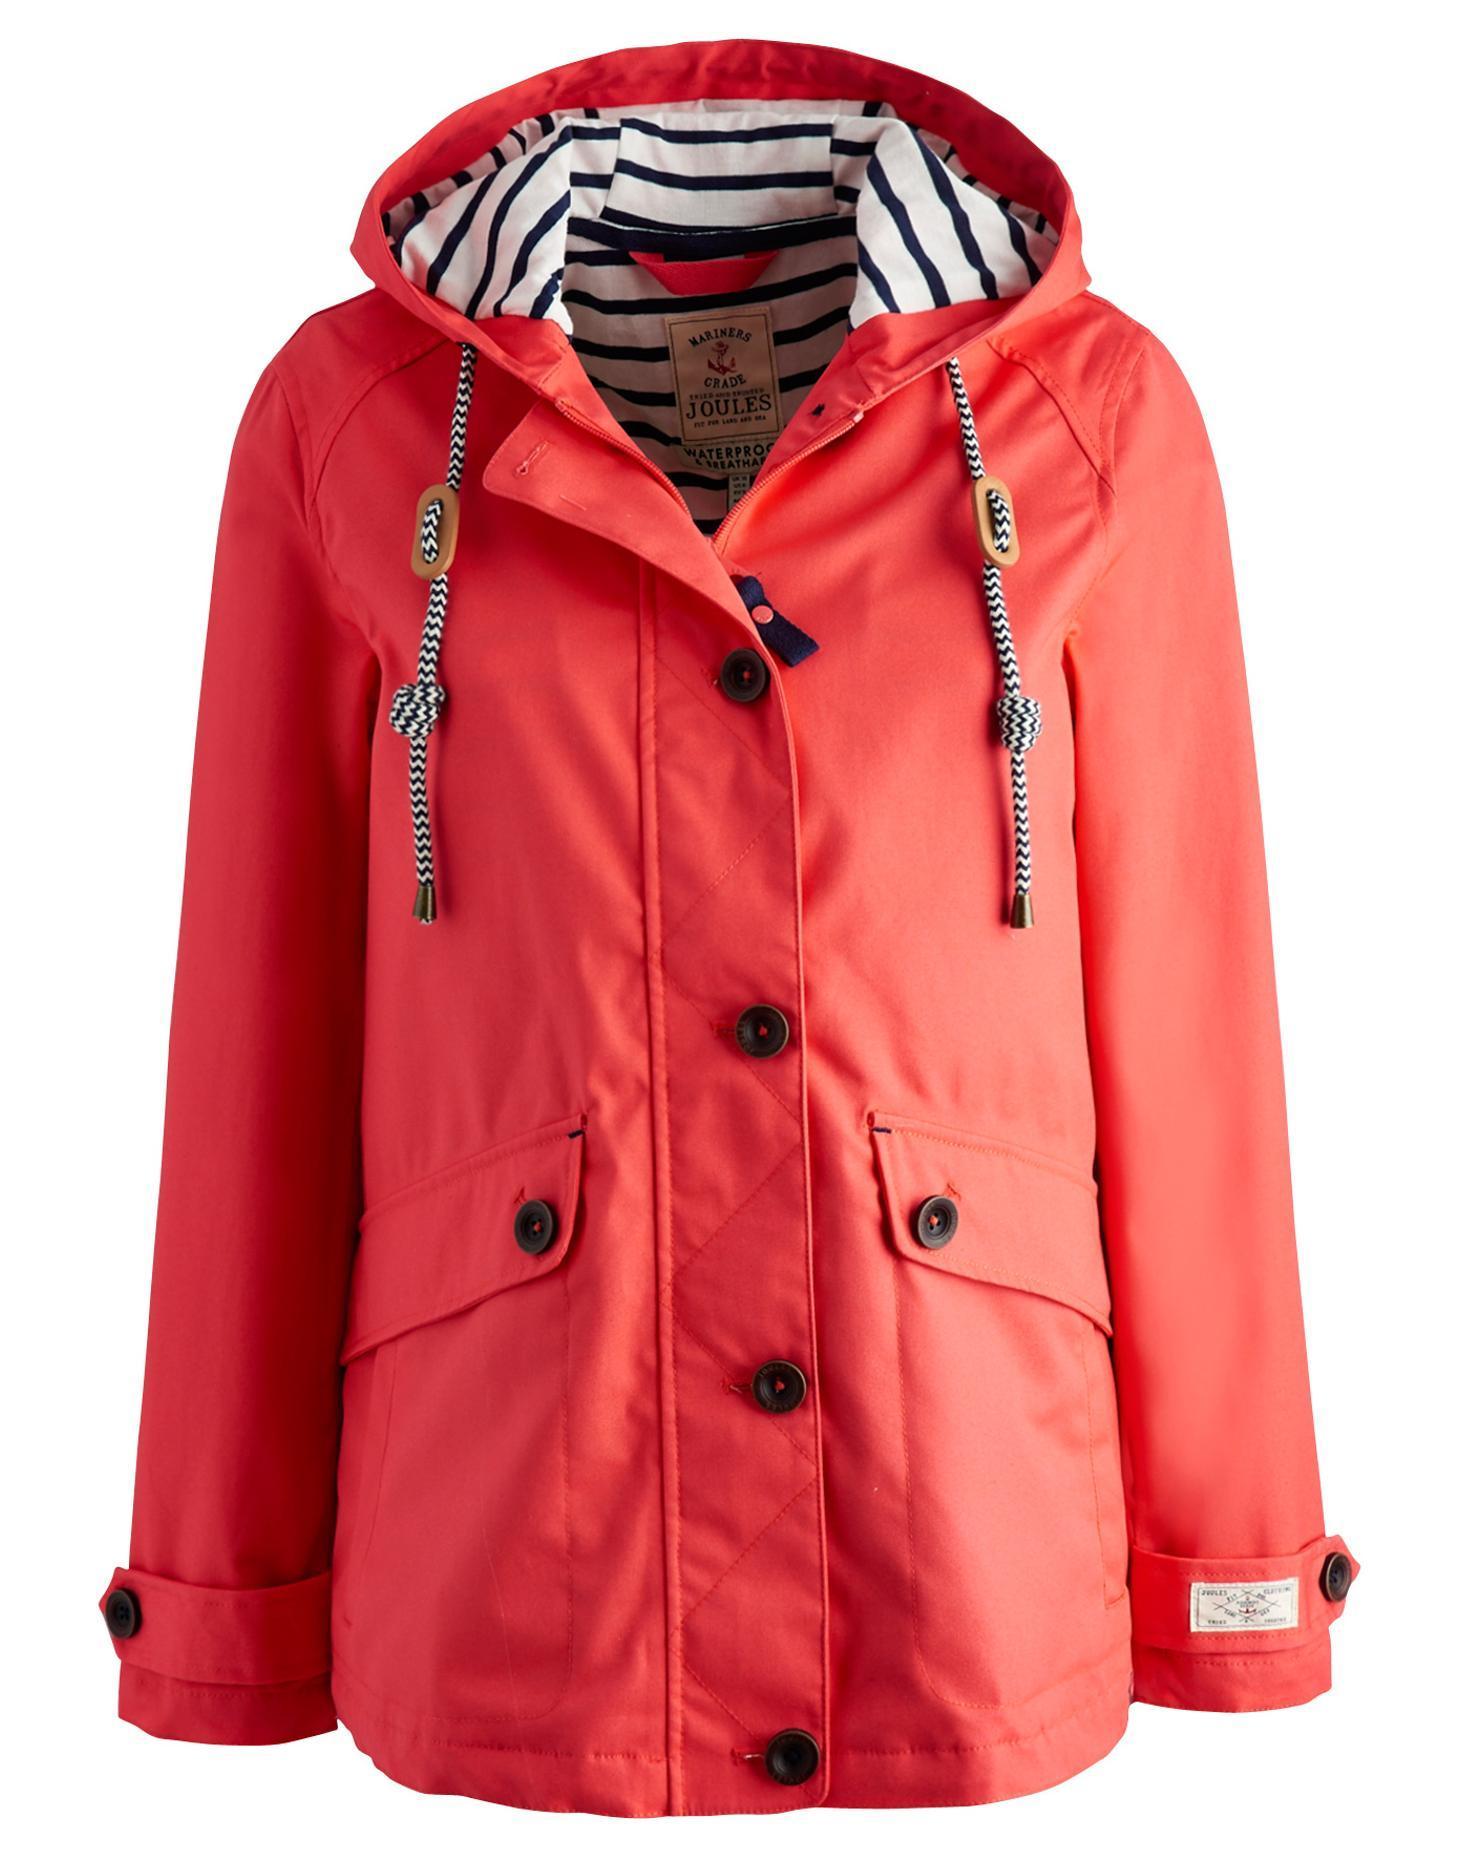 how to wear la s waterproof jackets fashionably careyfashion #1: la s waterproof jackets